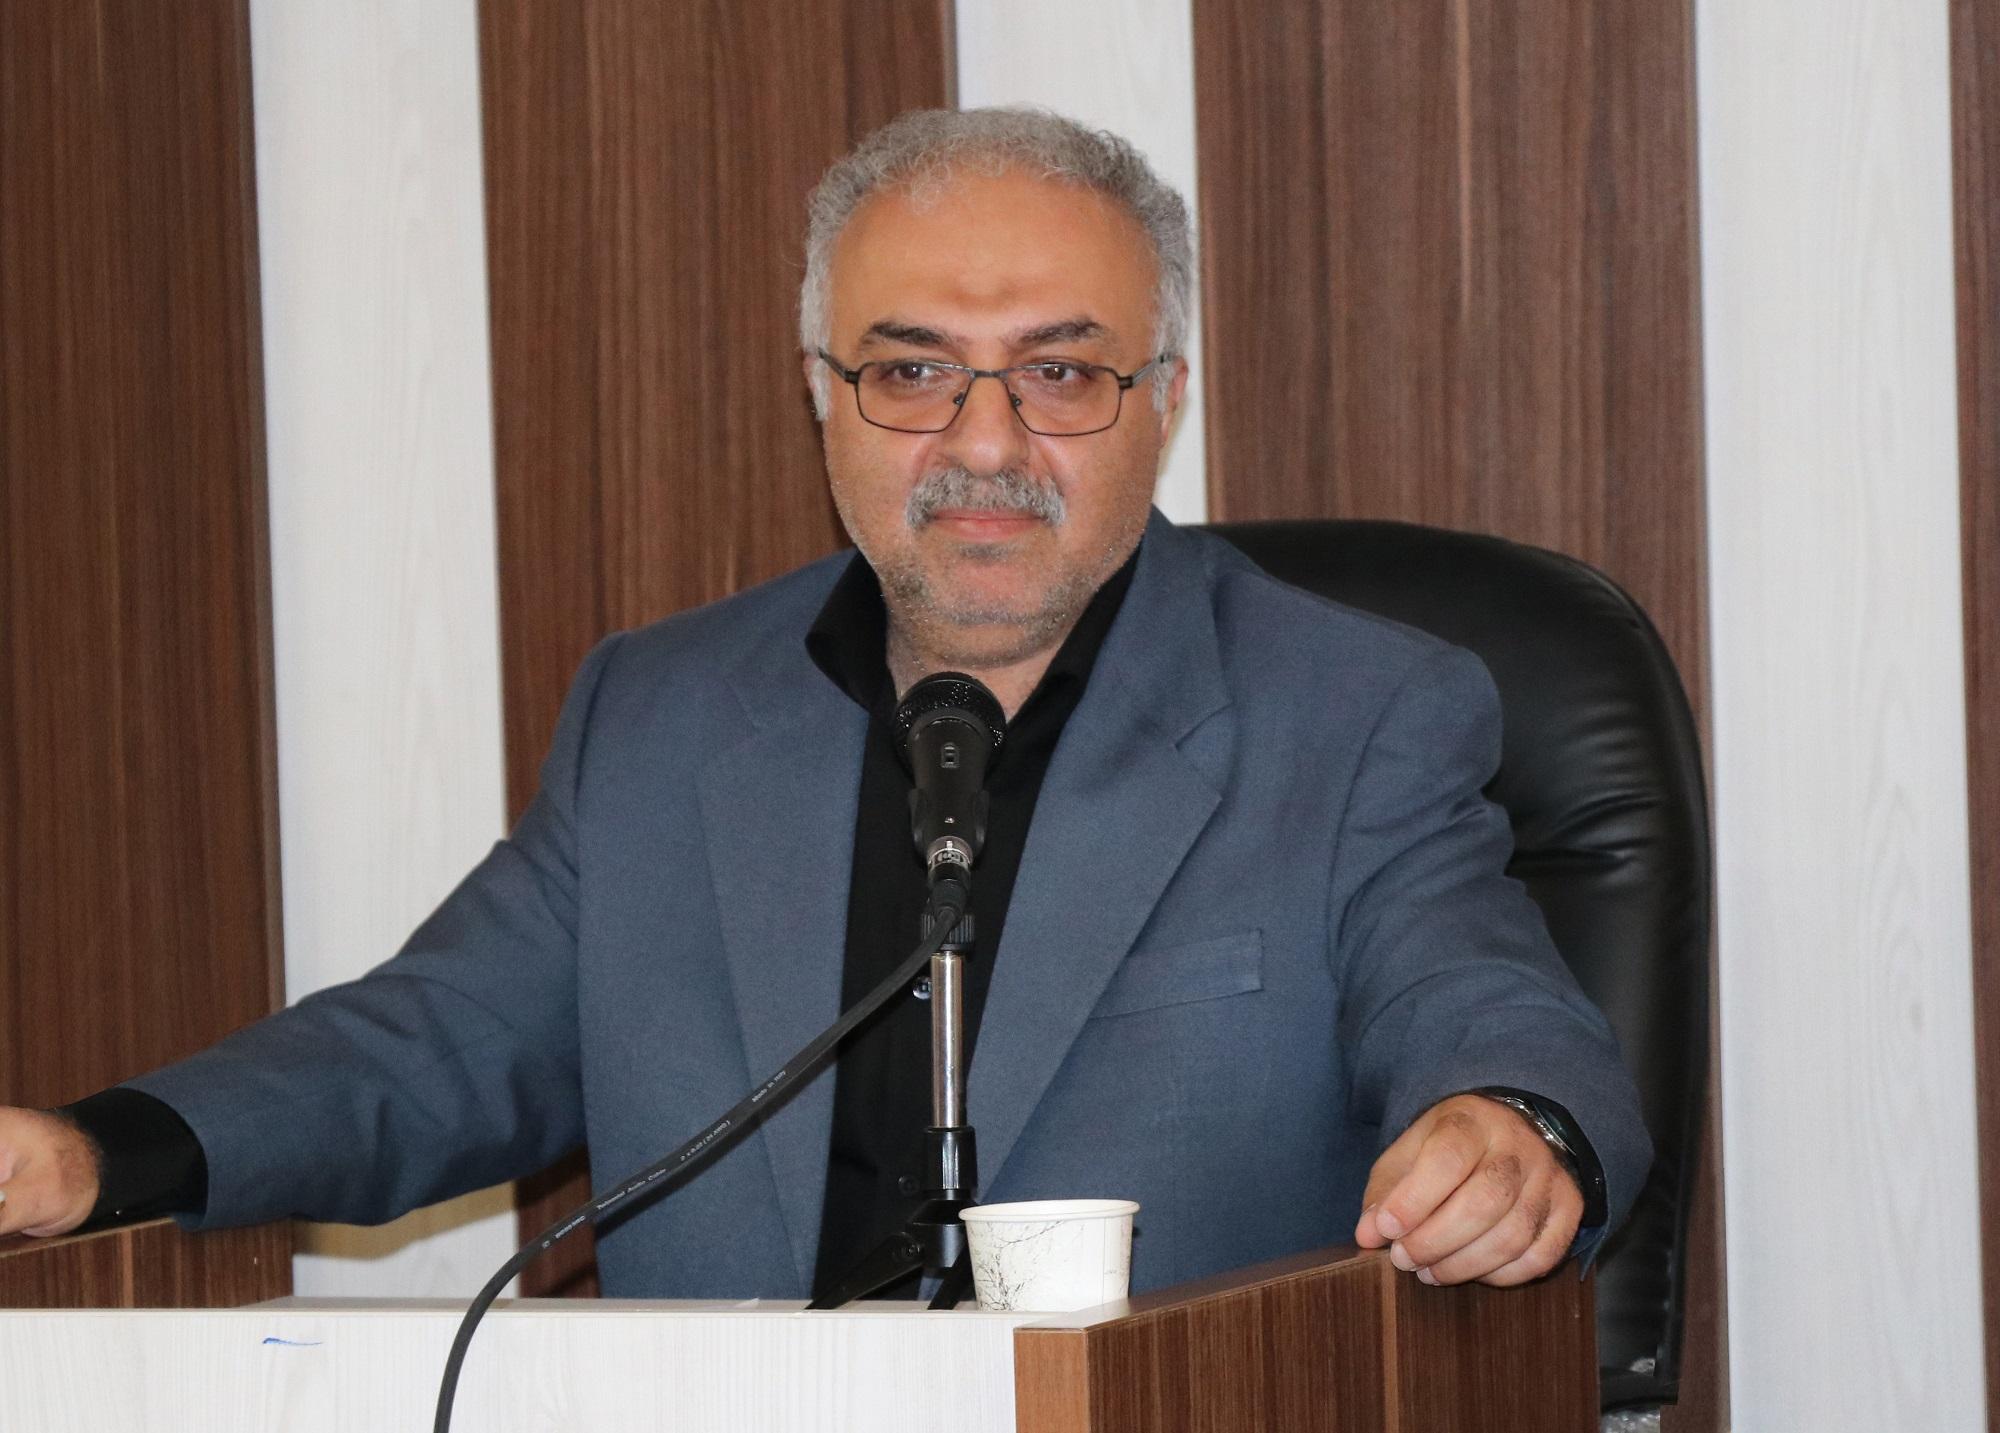 مدیرعامل شرکت گاز استان گیلان :  در سال گذشته، ۶٫۲ میلیارد مترمکعب گاز در گیلان مصرف شد